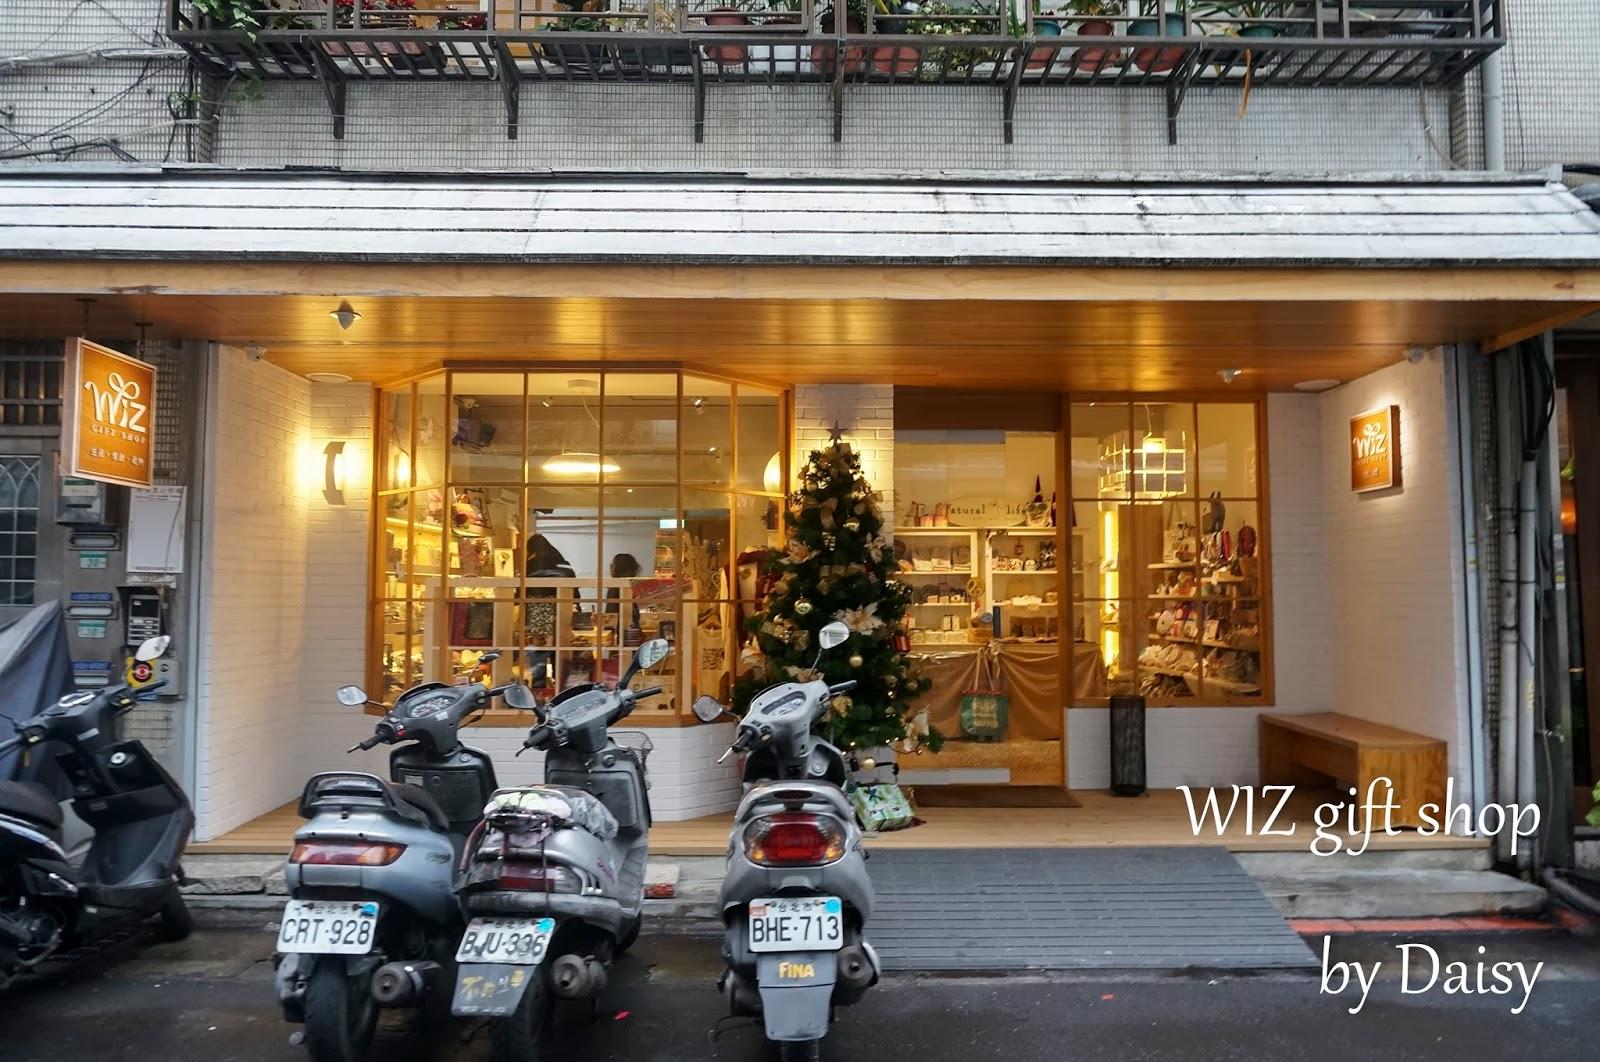 ::Buy:: 挑生日禮物,交換禮物的好地方‧Wiz‧微禮 禮品店 – 黛西優齁齁